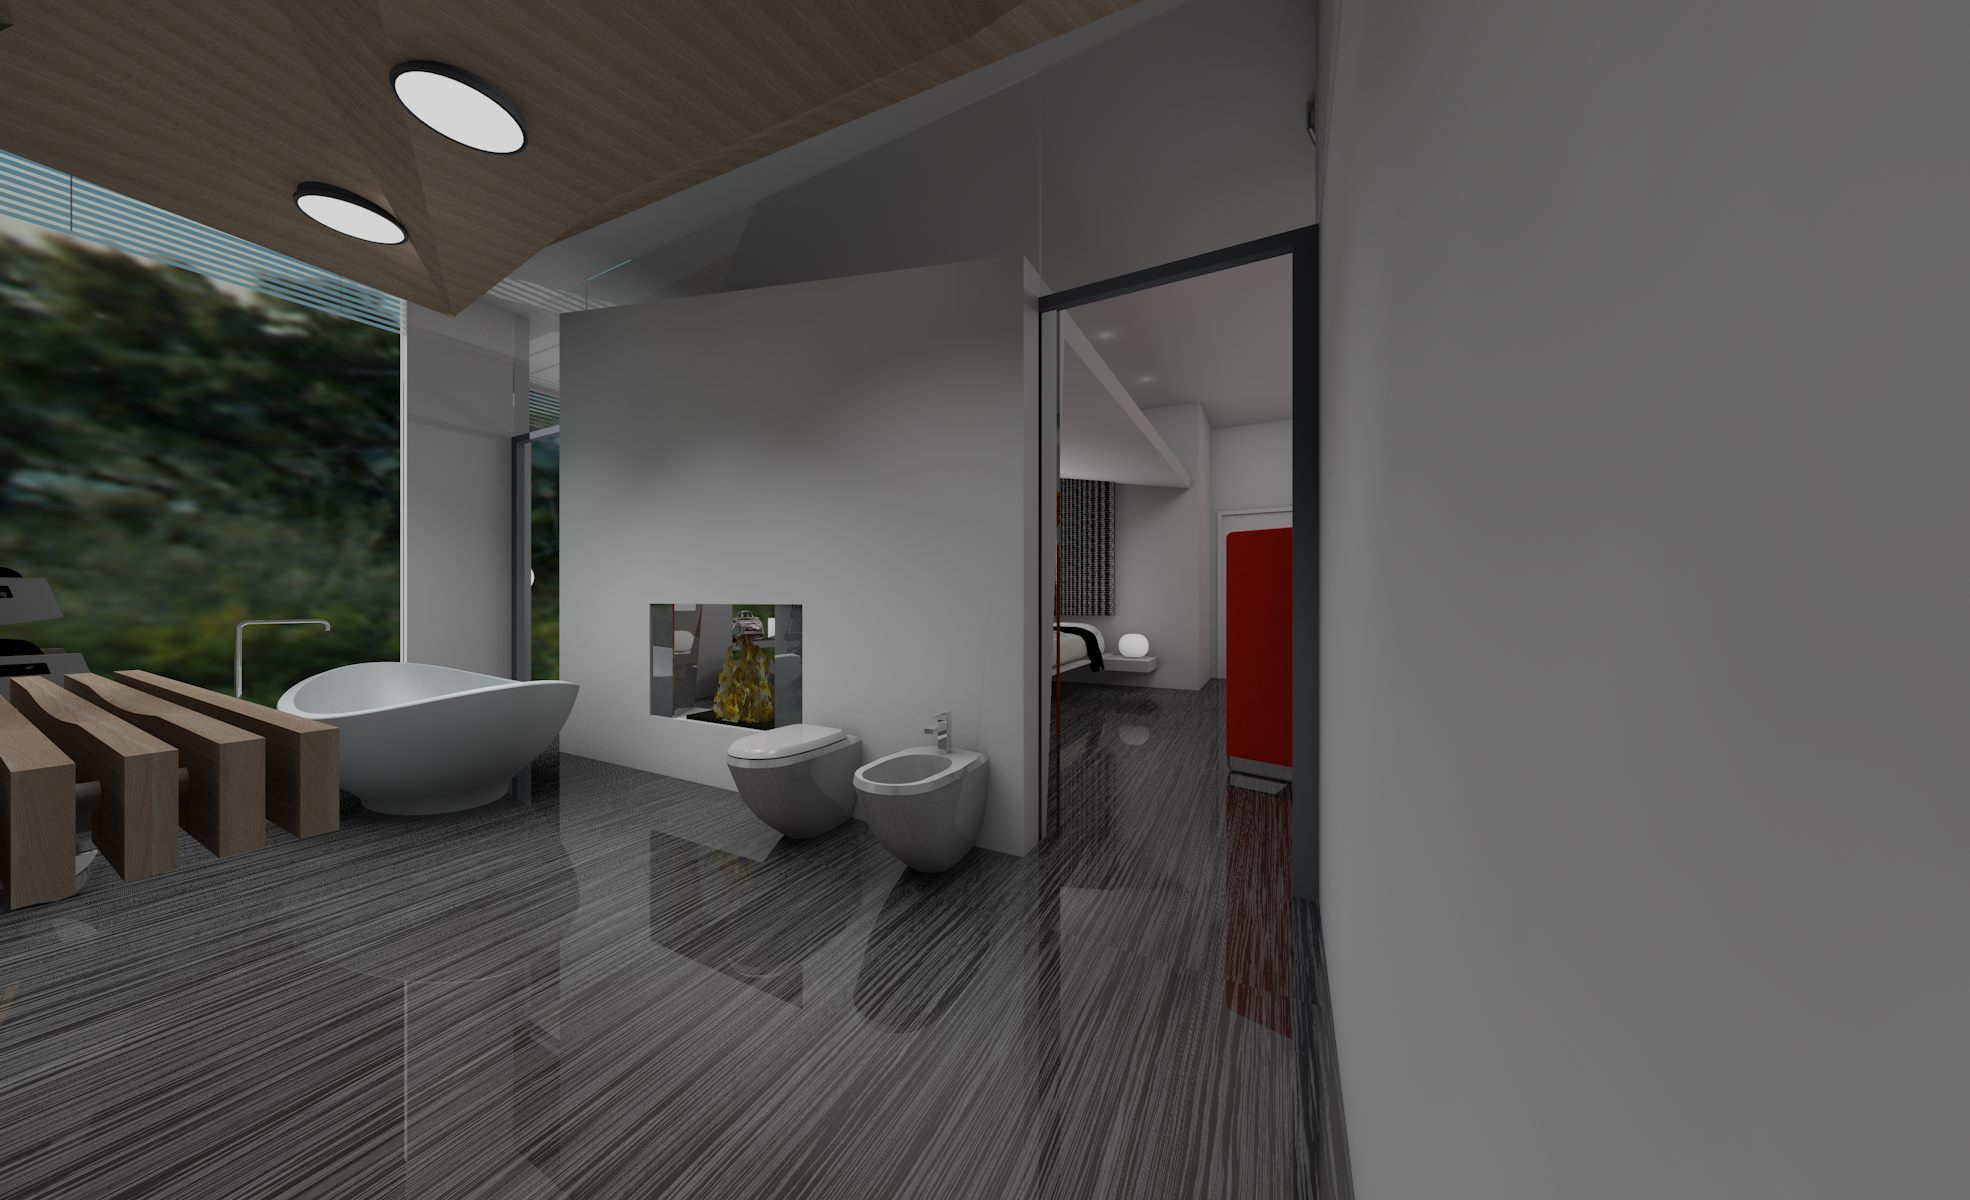 Arredamento casa idee e tendenze di arredamento for Hotel design studio